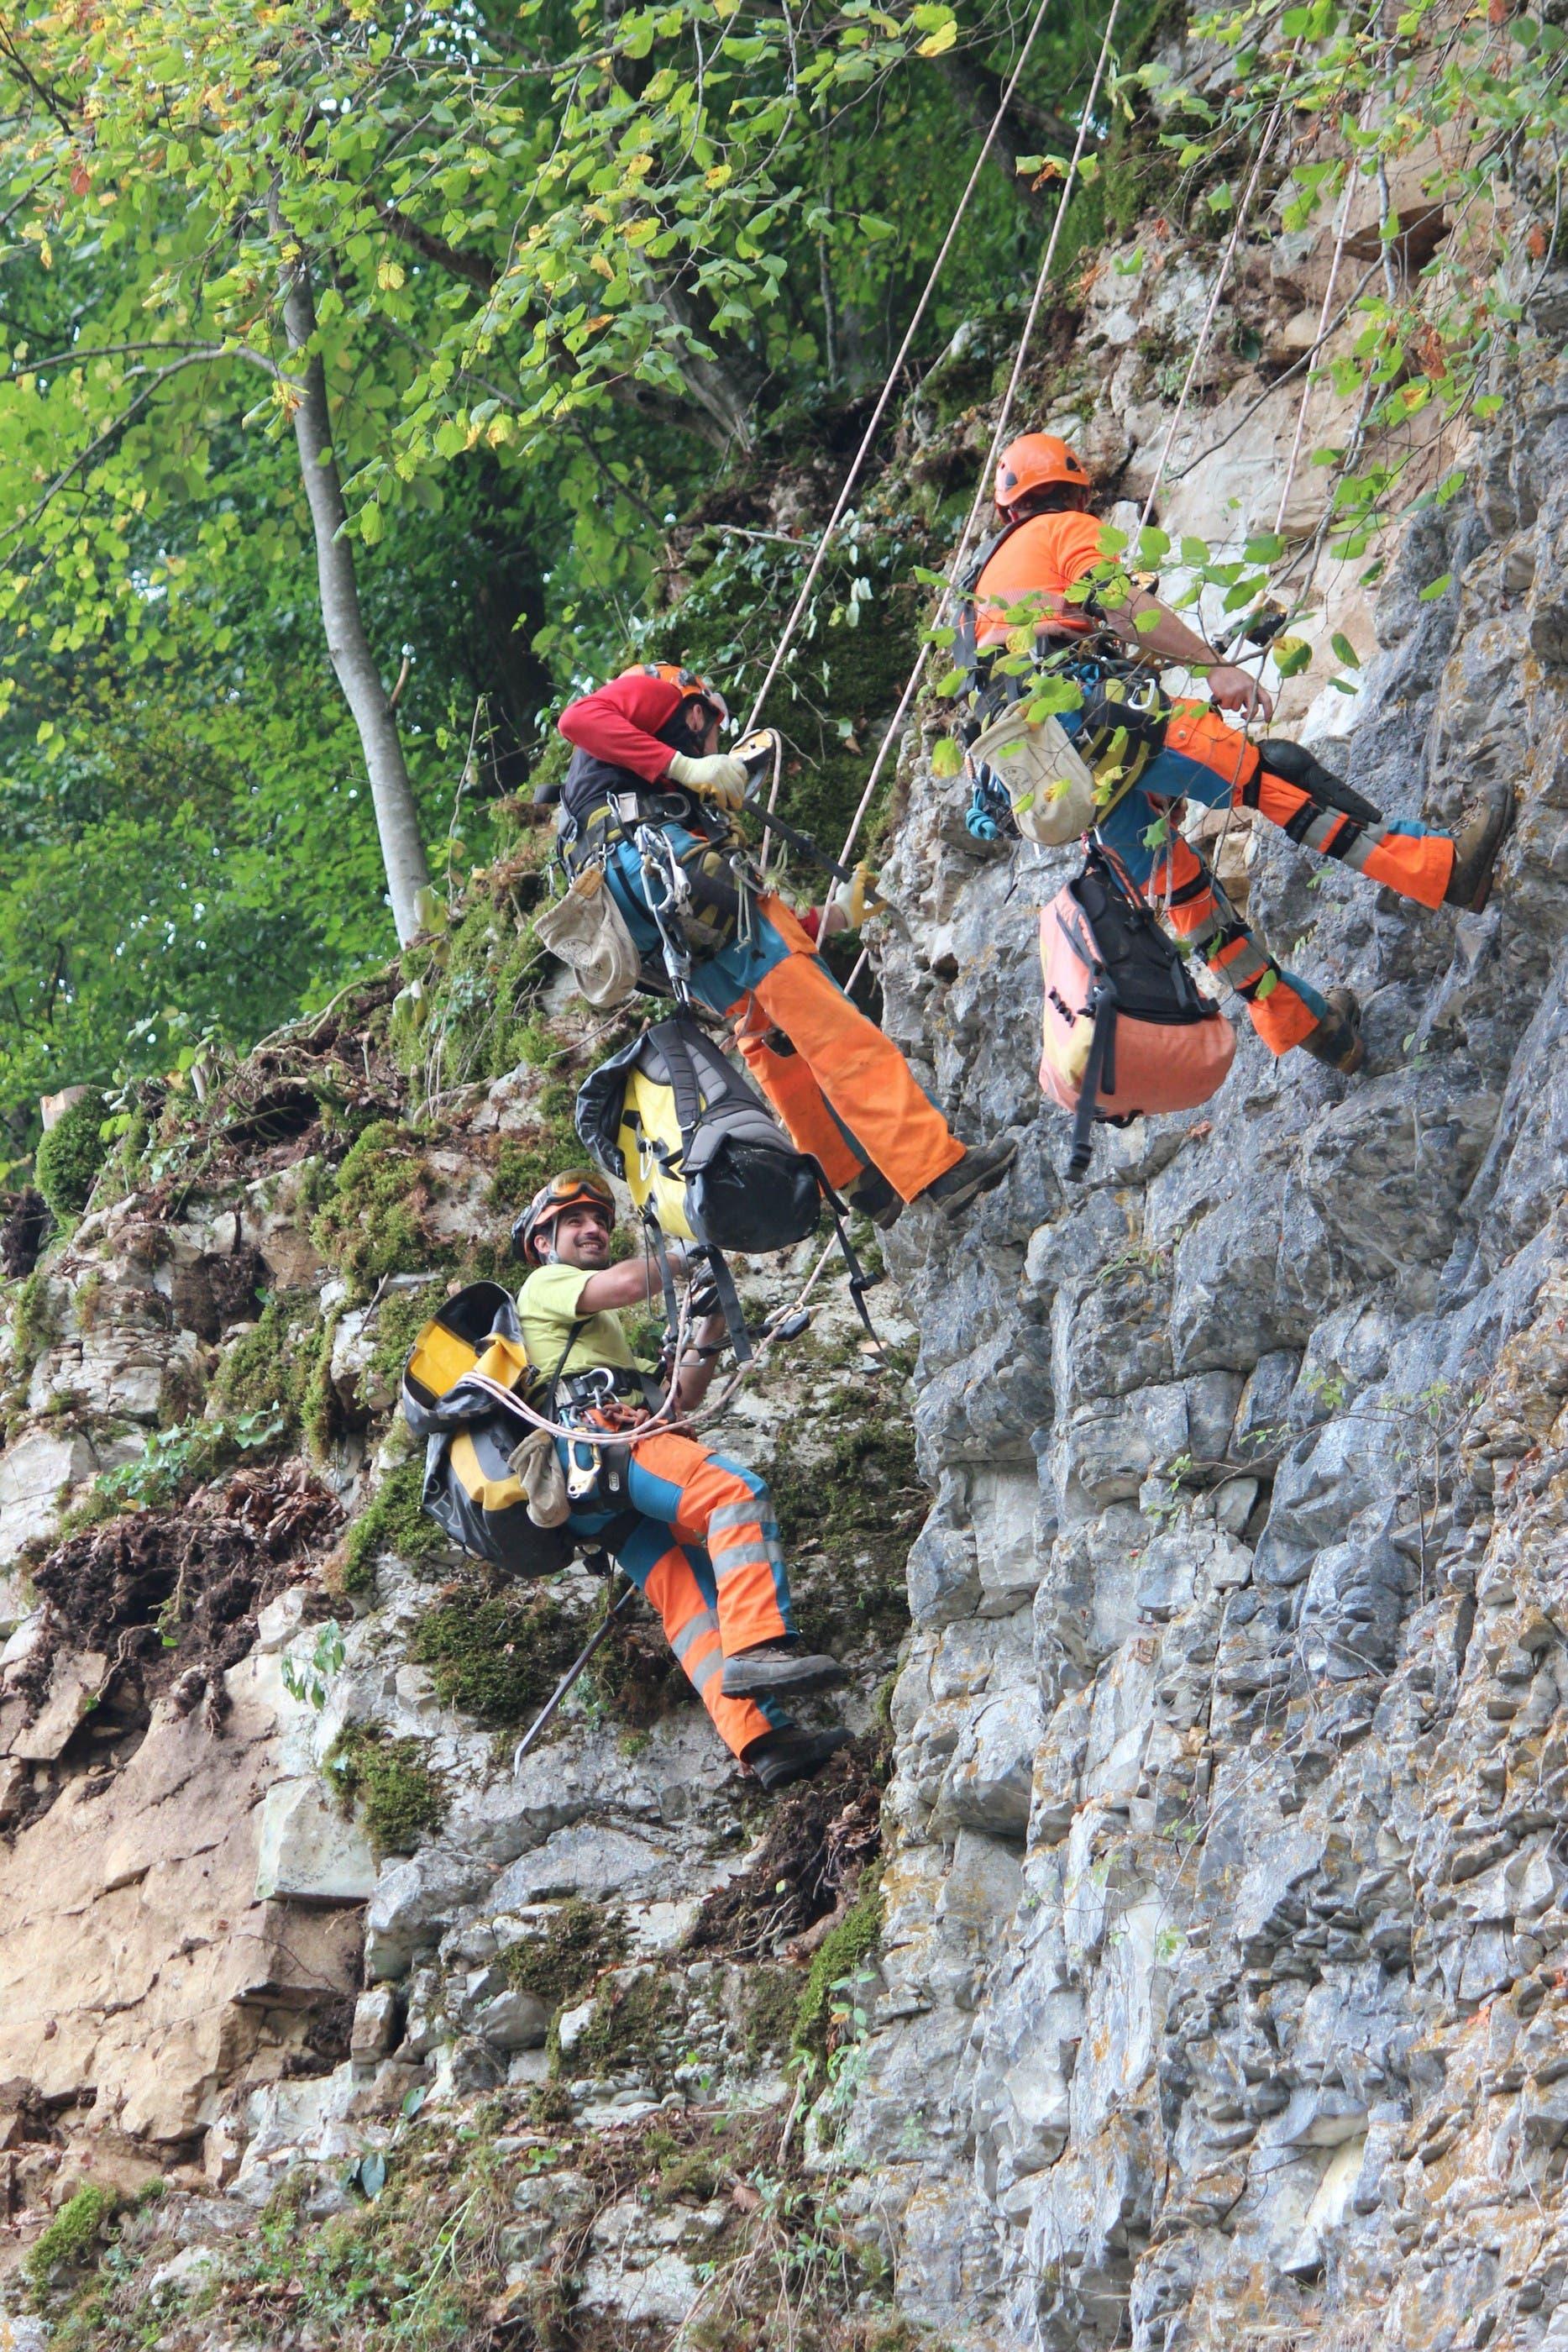 Die Innerschweizer Felstechniker Mario Fullin, Thomas Guallini und Gianni Di Giulio (von links) reinigen die Felsen im «Chessel». NRO